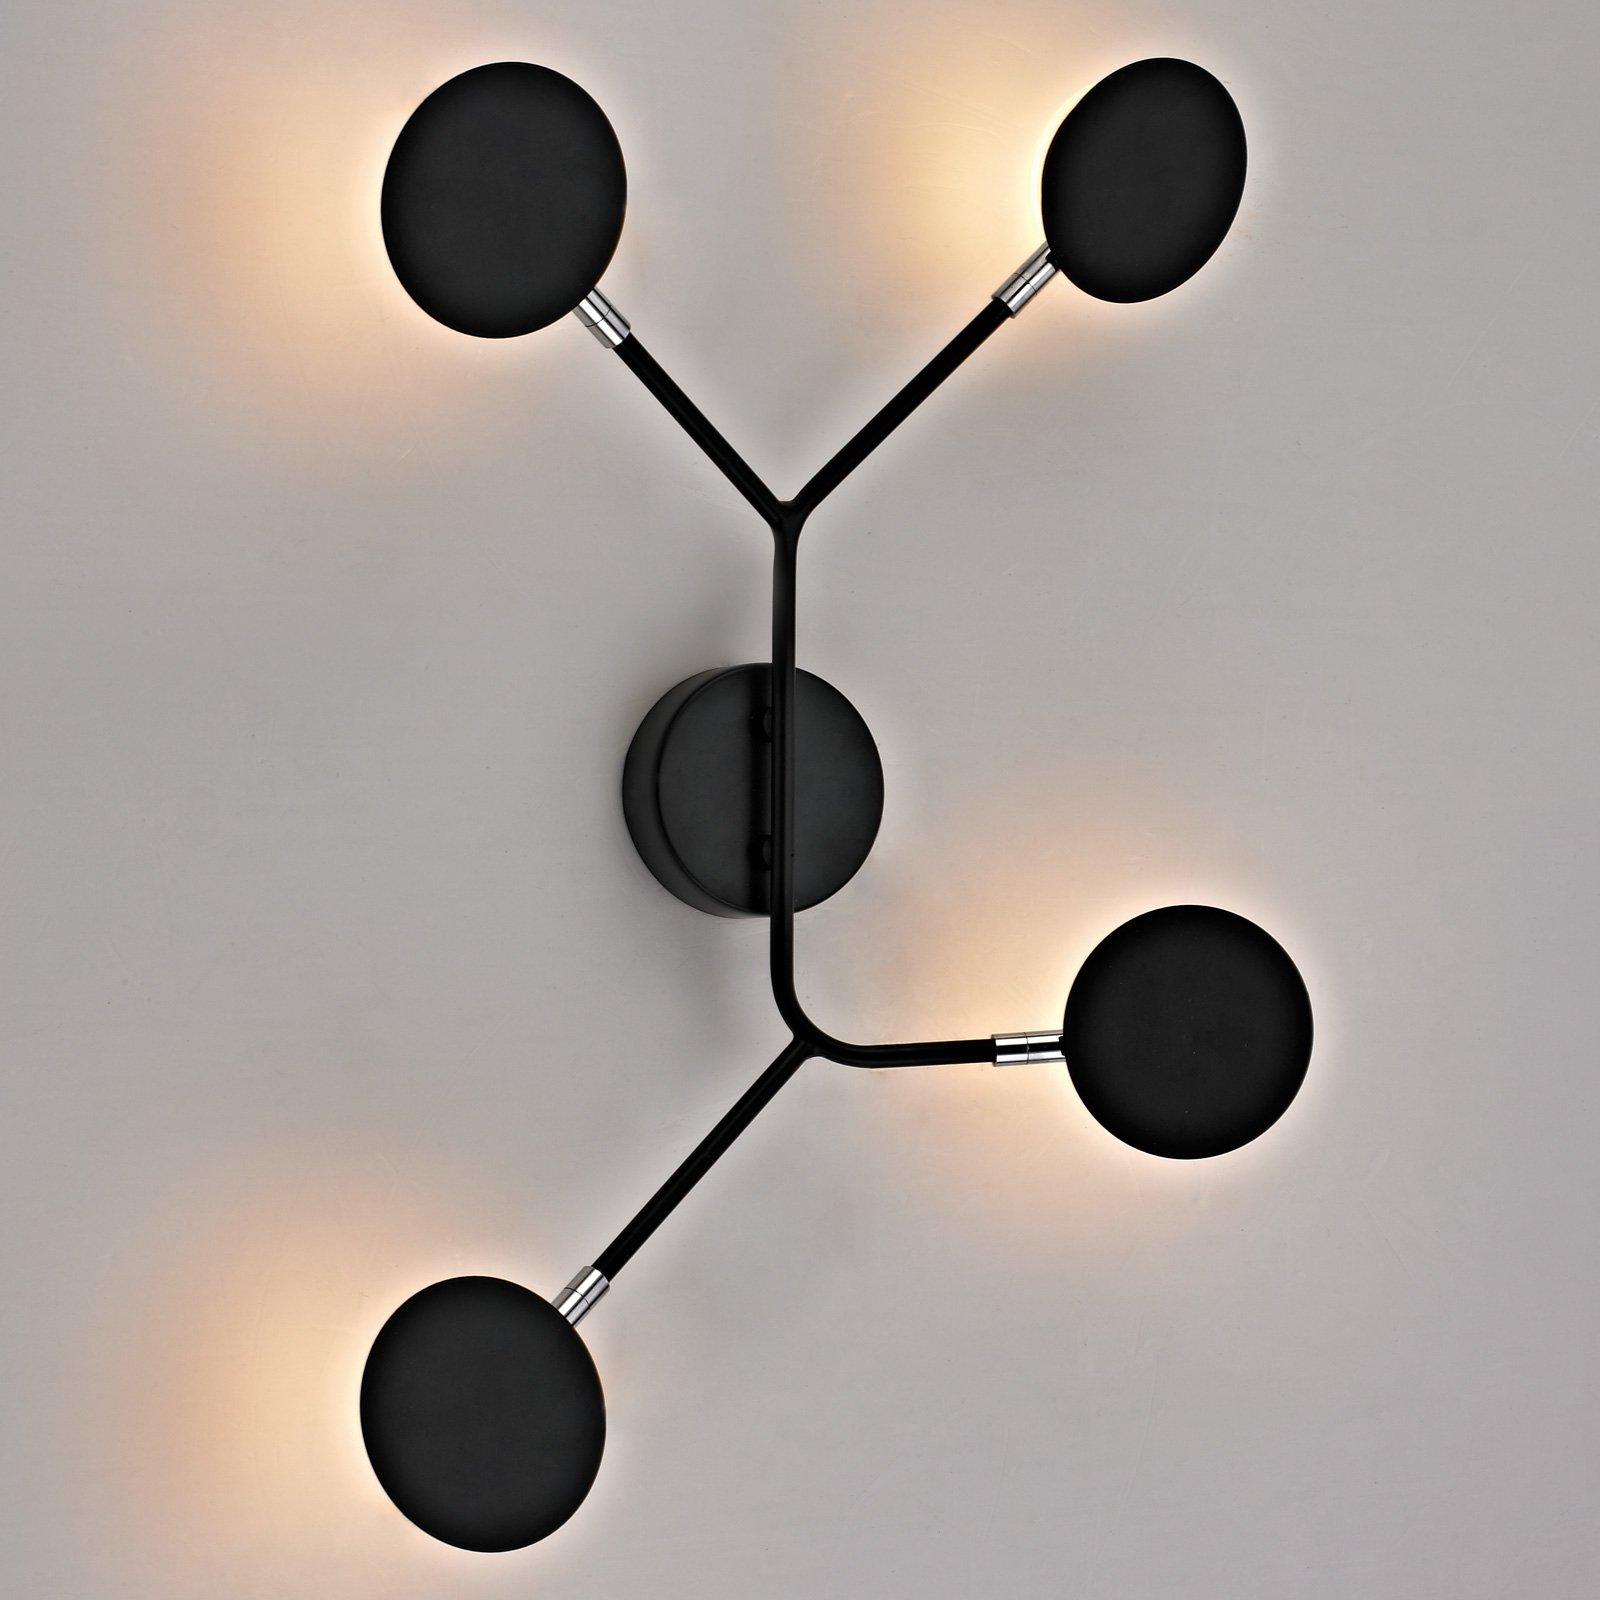 LED-vegglampe Belize, 4 lyskilder, svart